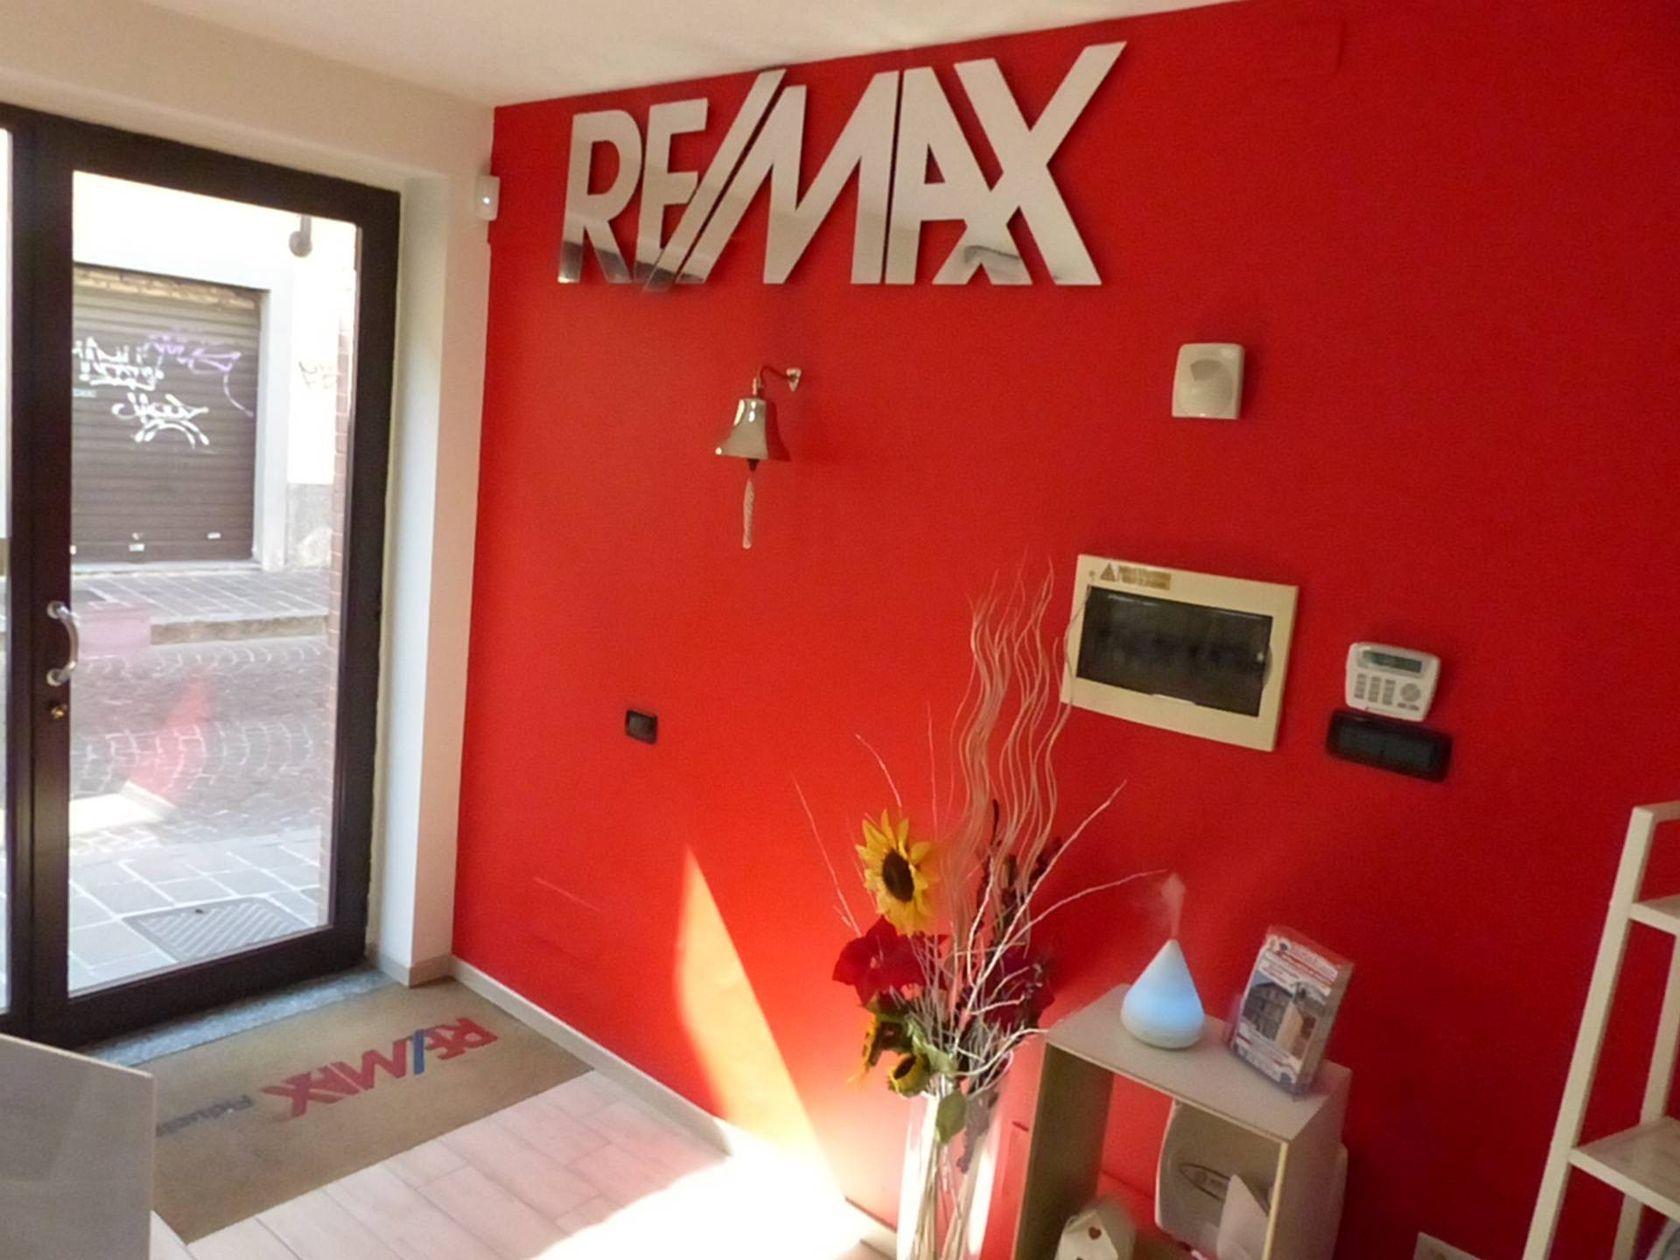 RE/MAX Fiducia Bollate - Foto 3